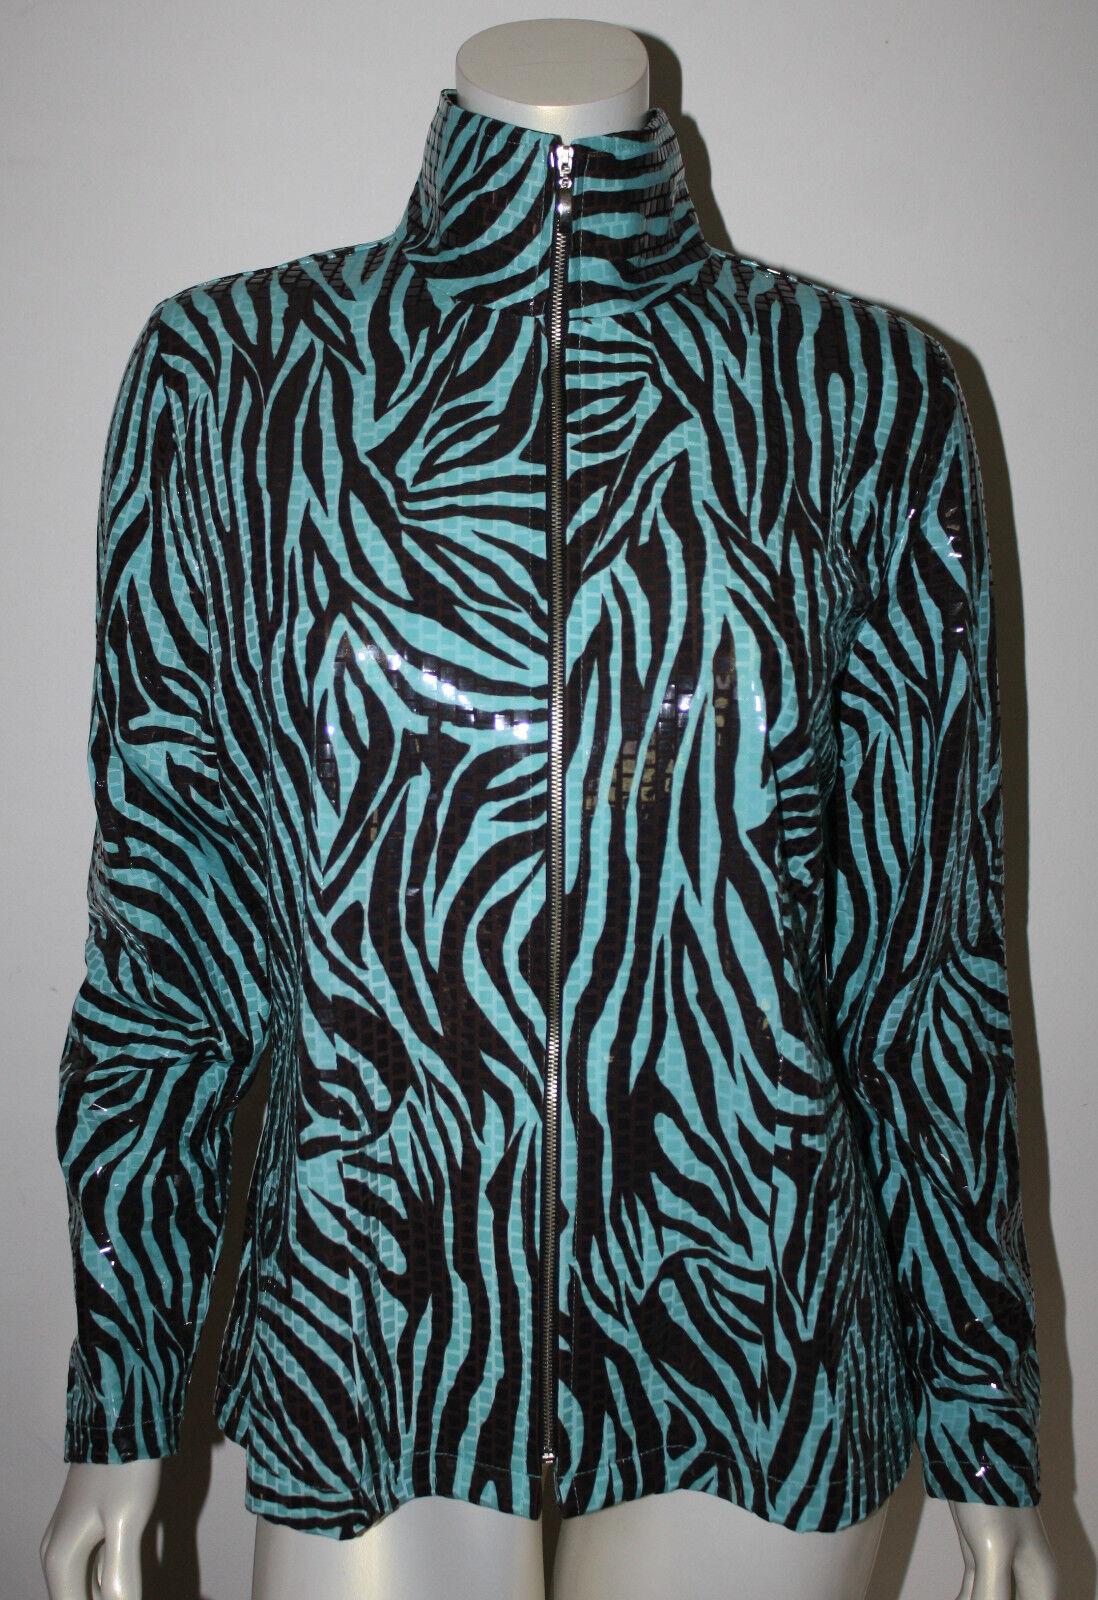 MISOOK Azul Turquesa Marrón Animal Print trémulo Chaqueta  M nuevo con etiquetas  60% de descuento